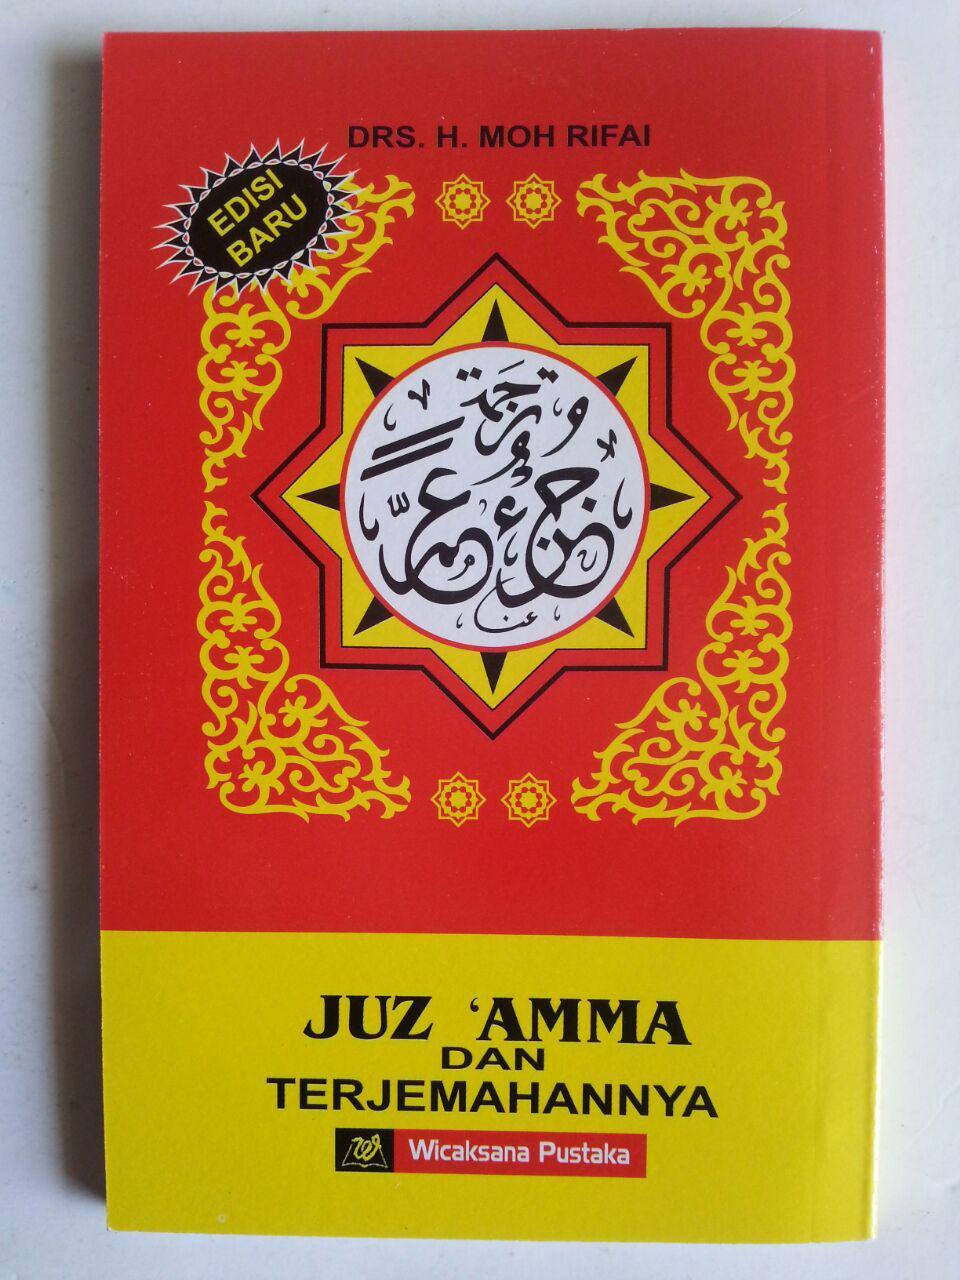 Al-Quran Saku Juz Amma Dan Terjemahnya Plus Transliterasi cover 2